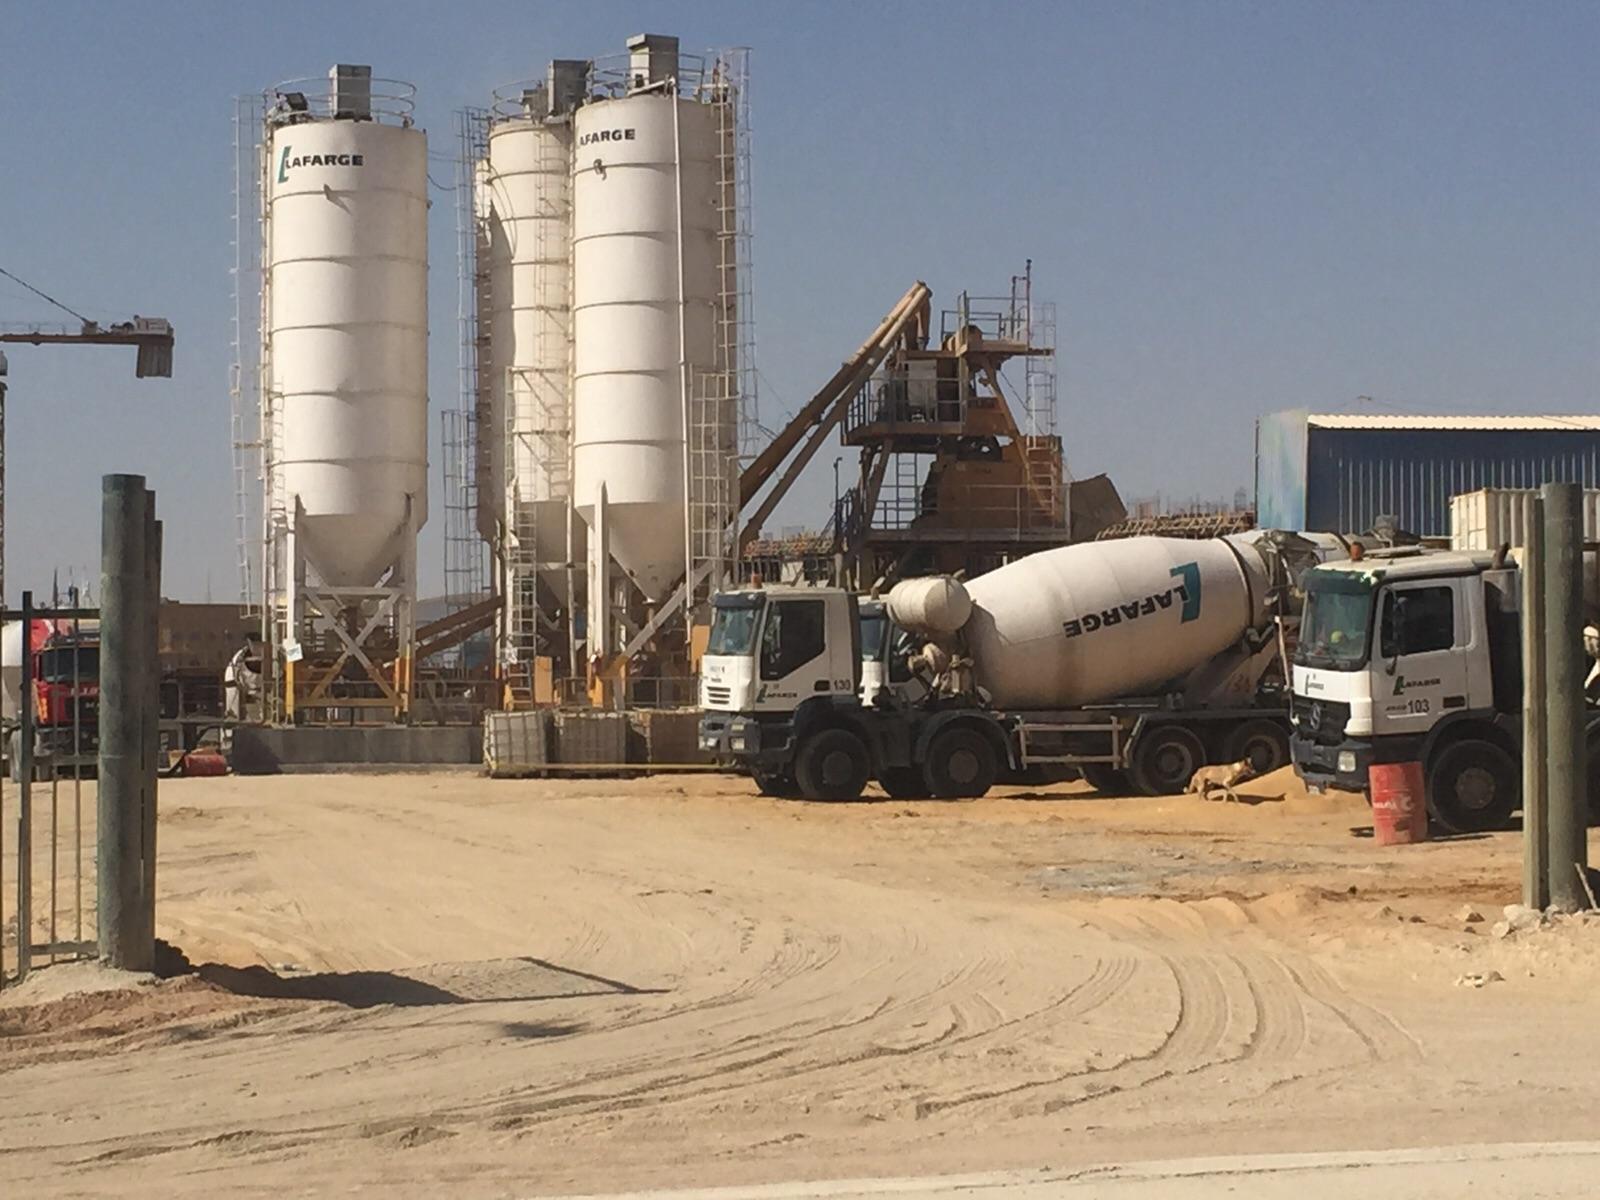 مواطنون يشكون تلوث وإزعاج مصنع خرسانة جاهزة بالتجمع الخامس